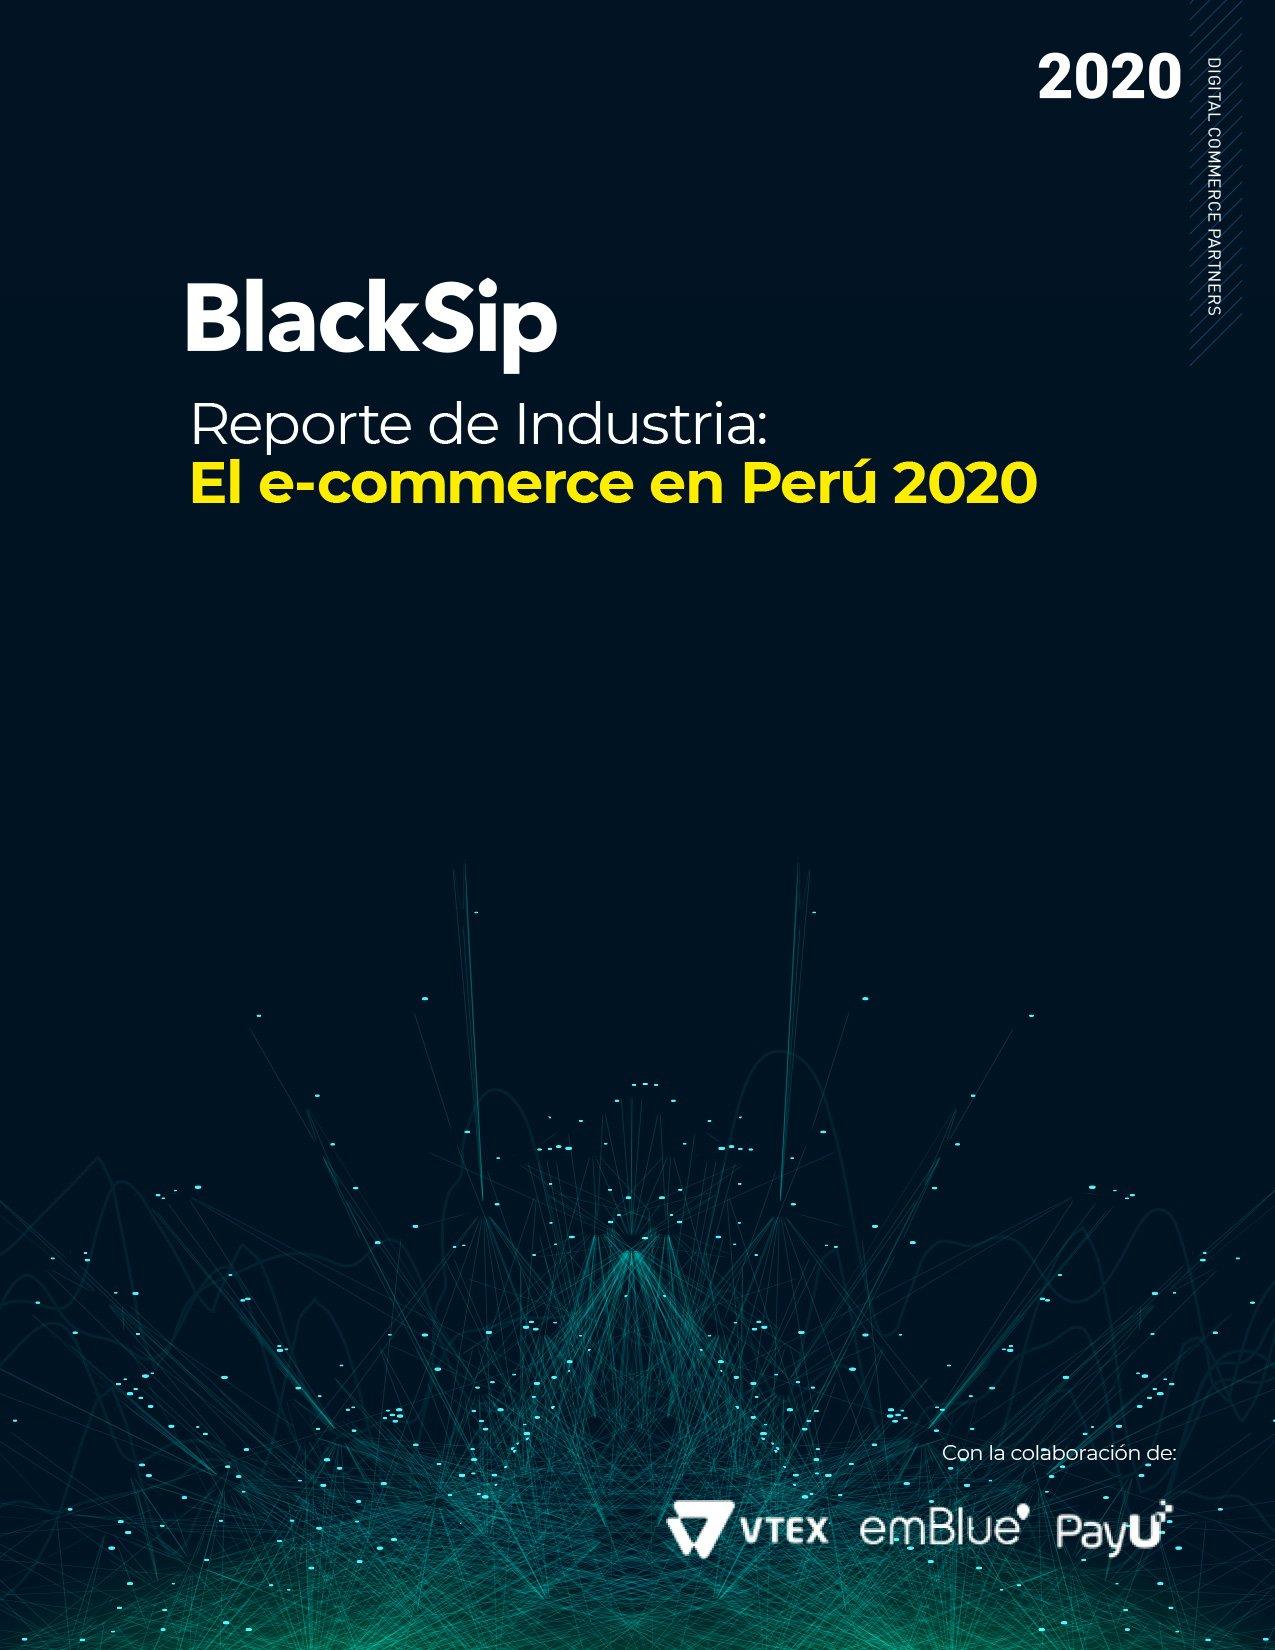 Cifras del eCommerce en Perú 2020